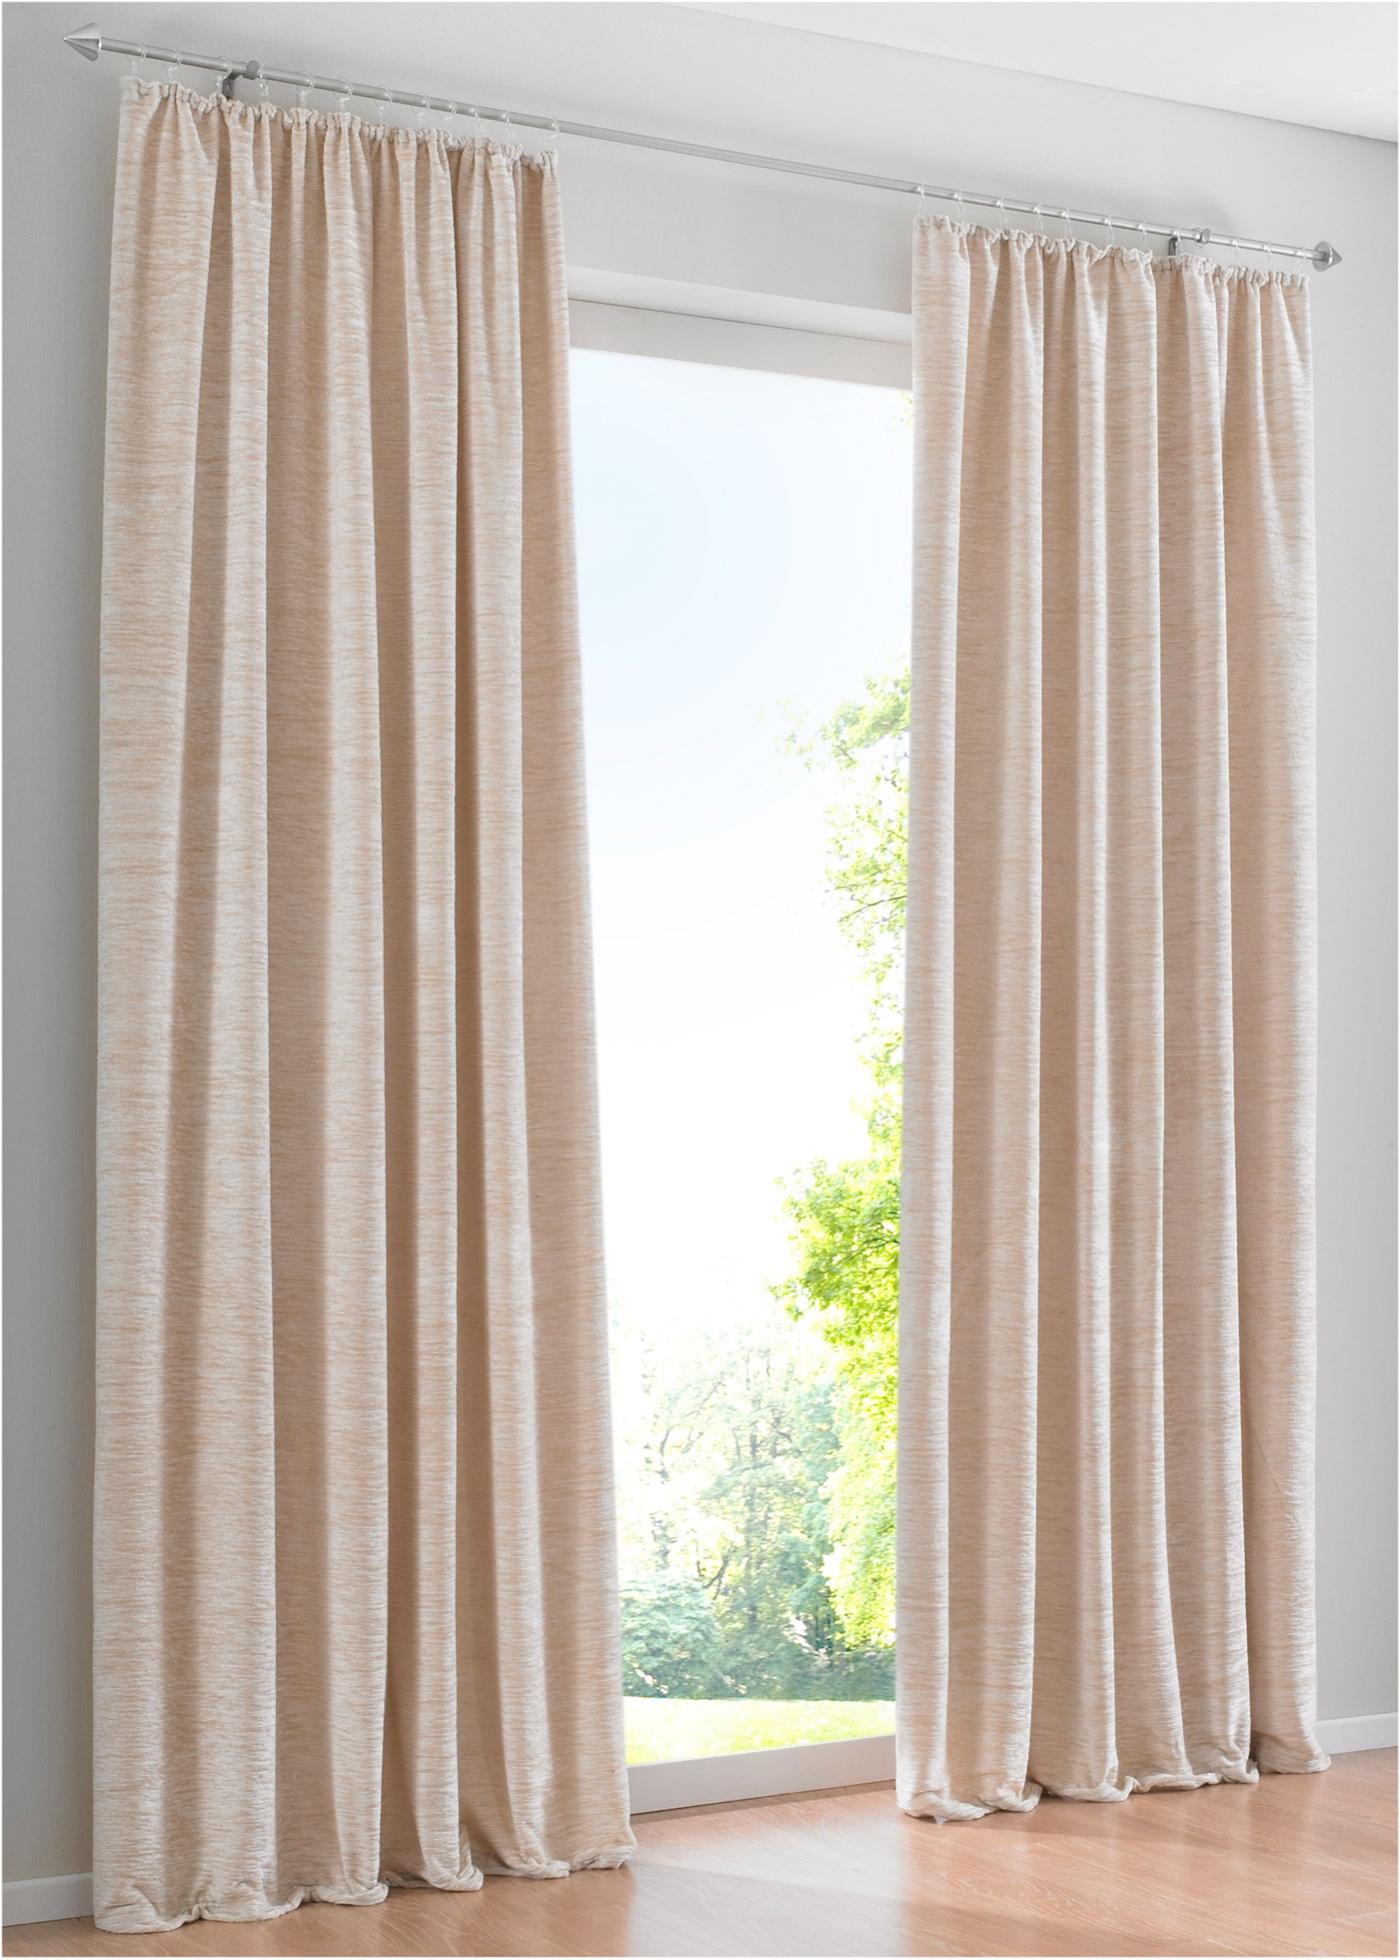 thermo chenille gardinen sonstige preisvergleiche erfahrungsberichte und kauf bei nextag. Black Bedroom Furniture Sets. Home Design Ideas